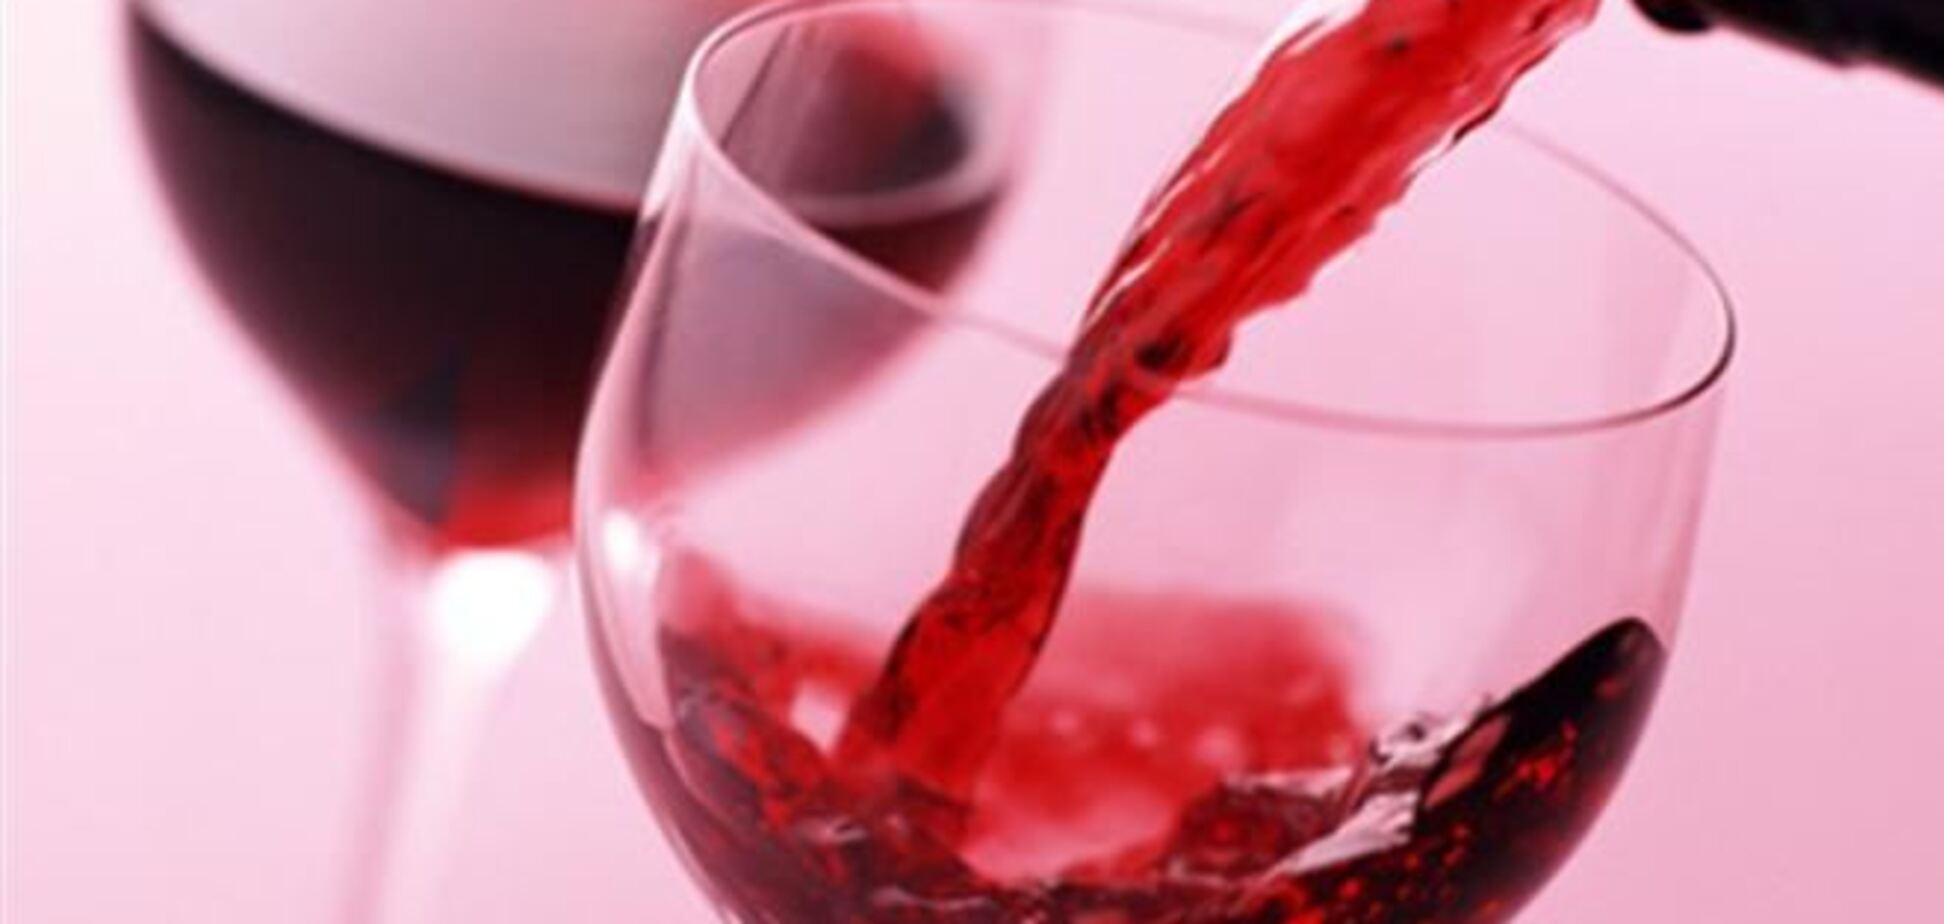 Красное вино может усугубить рассеянный склероз